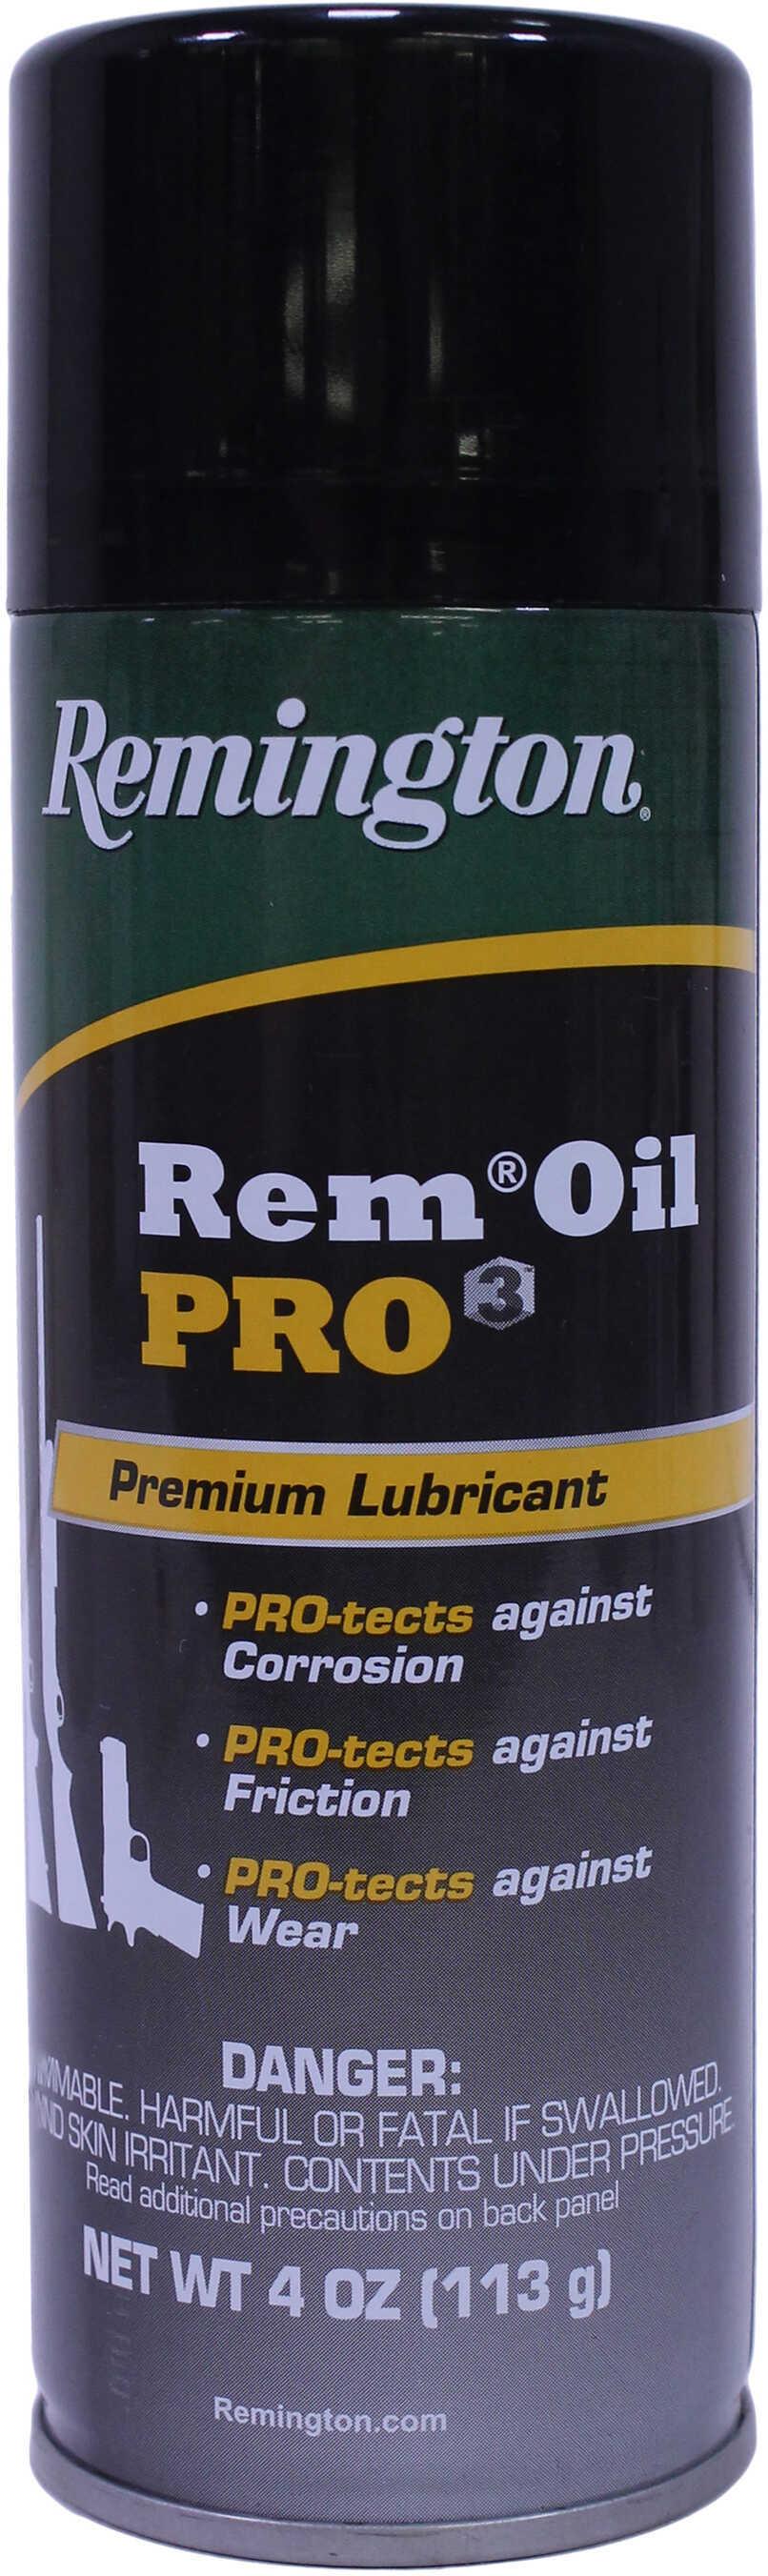 Remington Accessories Remington Oil Pro 3 Premium Lube and Protection, 4 oz Aerosol Md: 18918